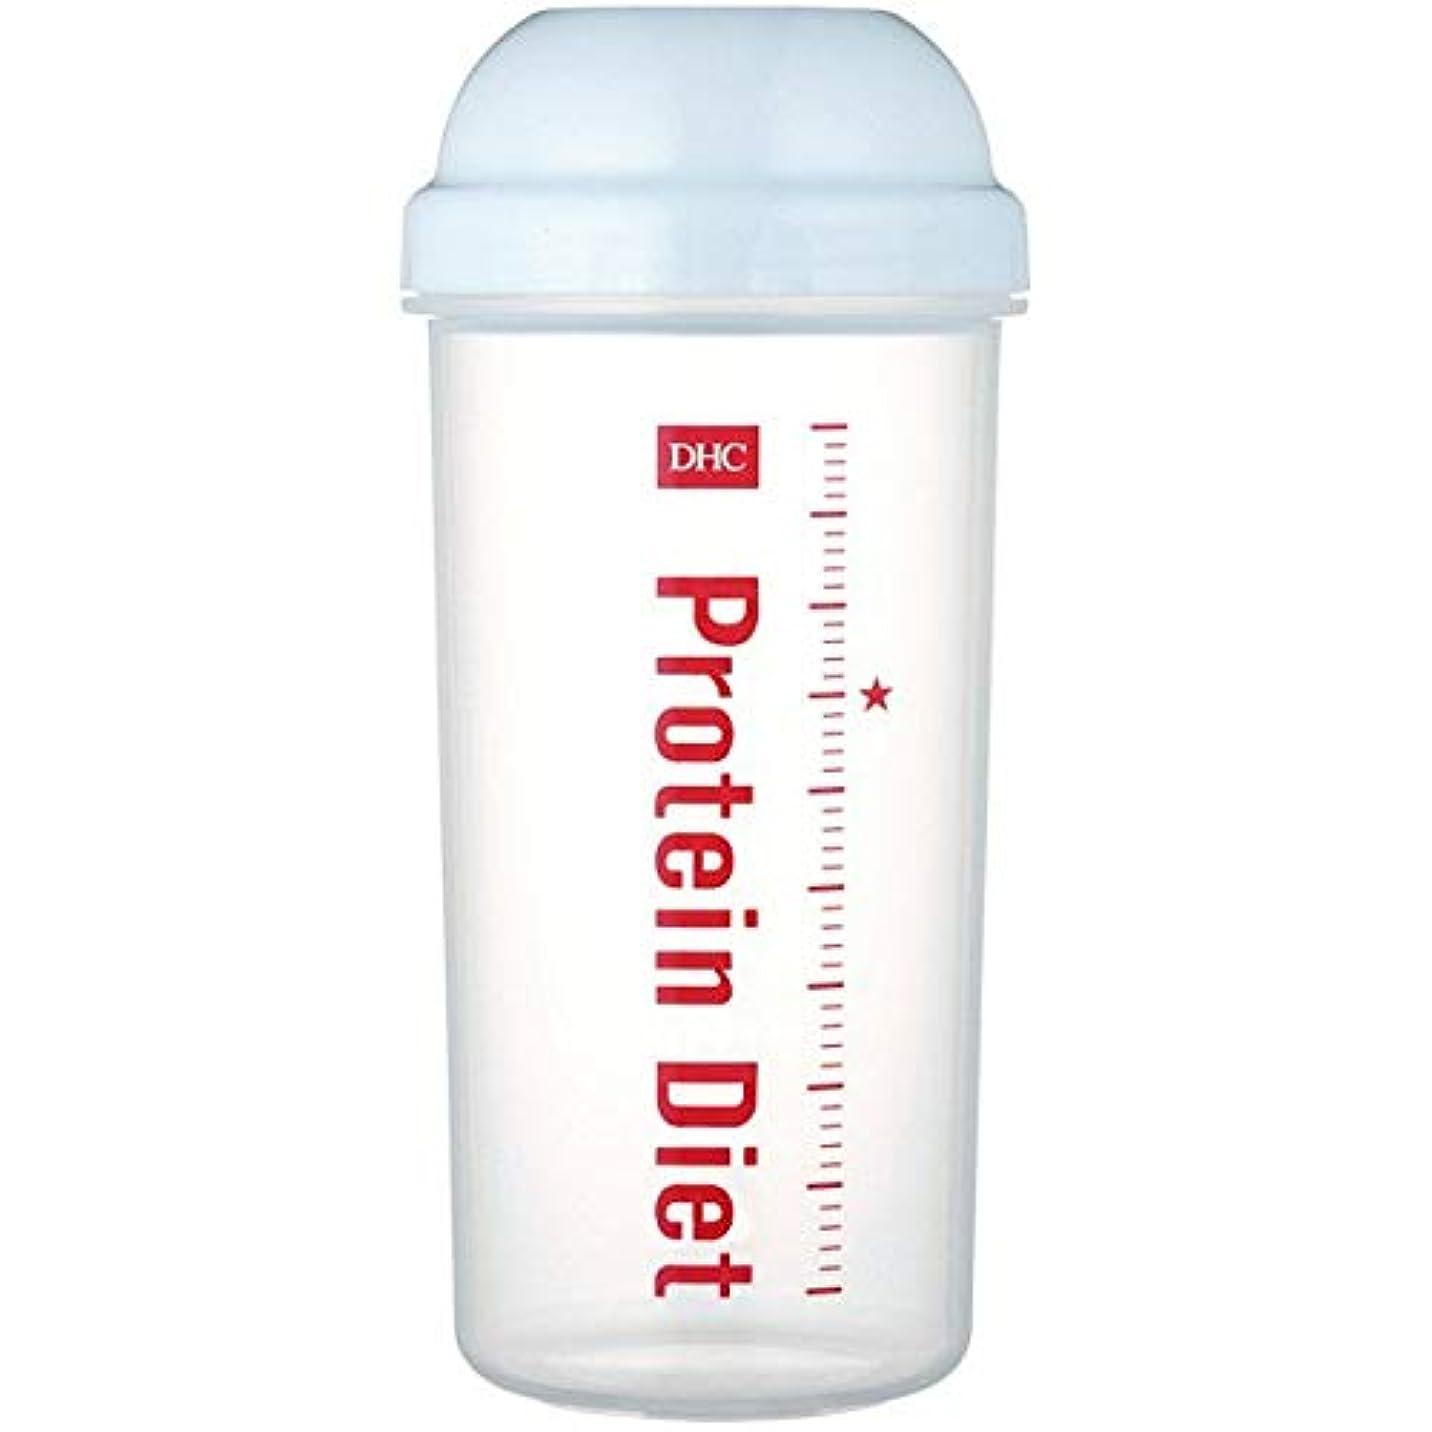 パイプライン従事する採用DHCプロティンダイエット専用シェーカープロテインダイエット